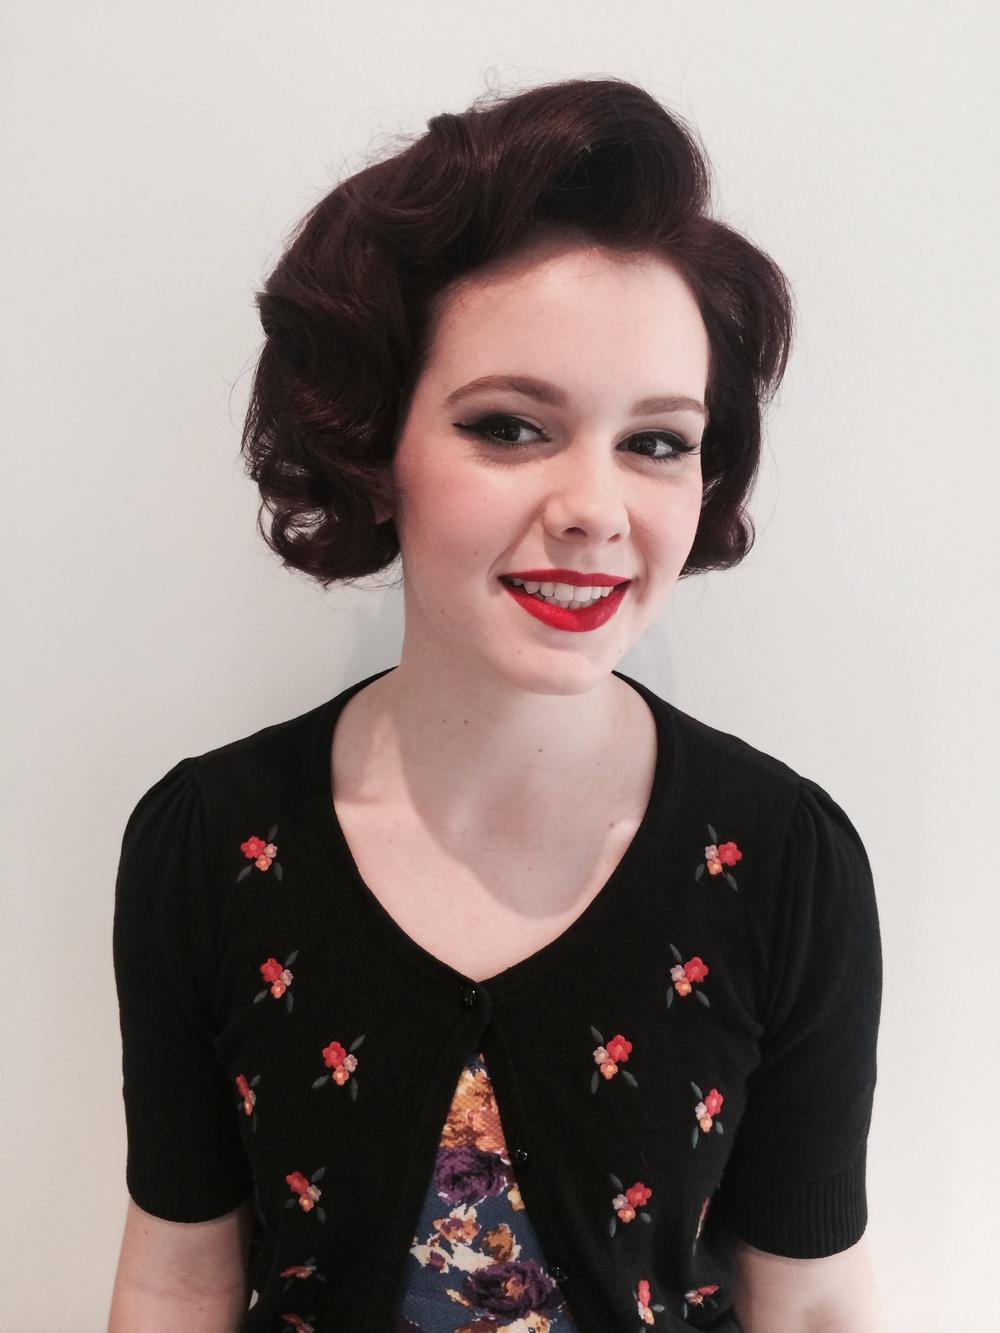 vintage-makeup-hair.jpg